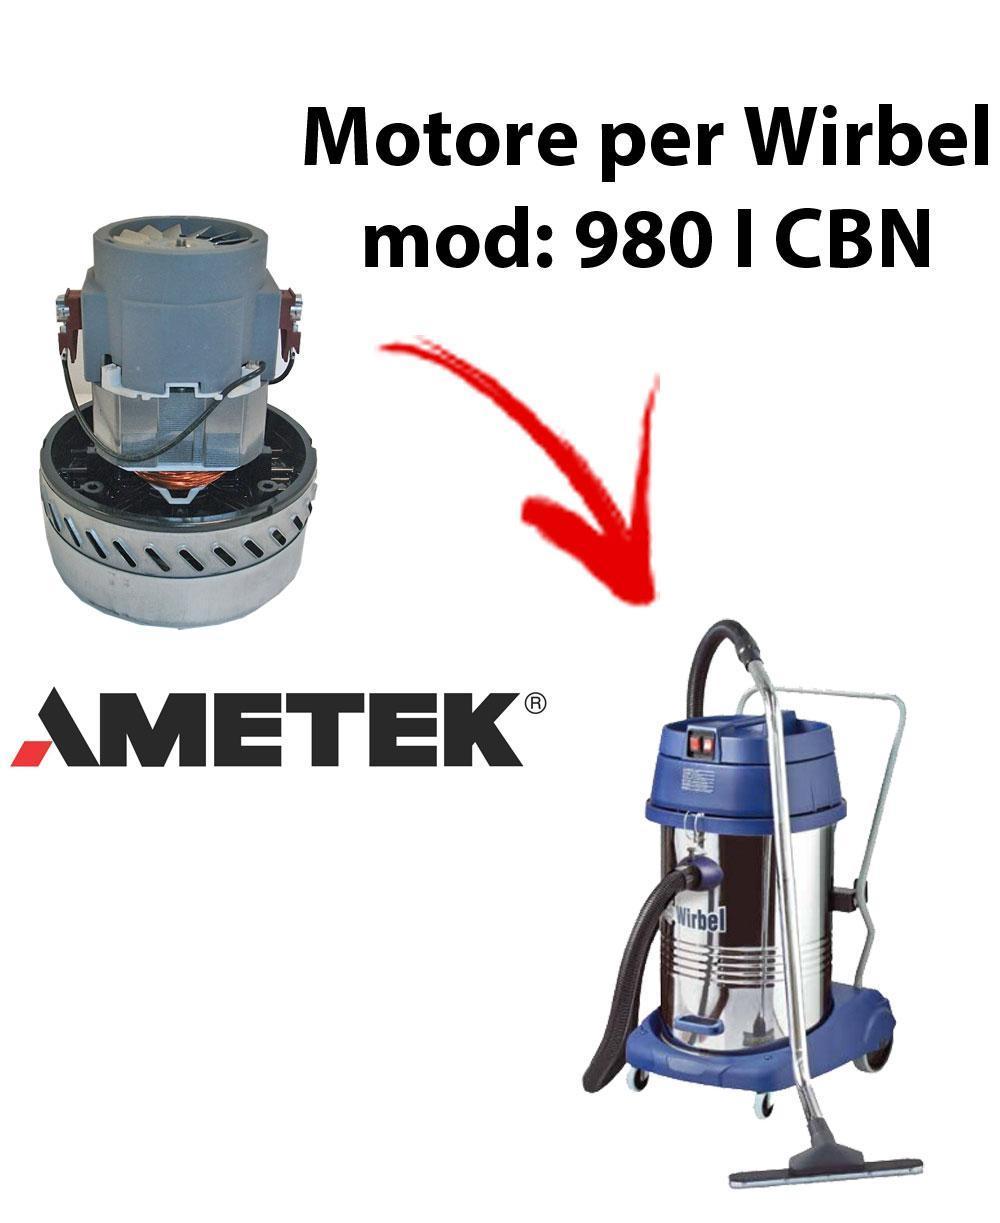 980 I CBN Motore de aspiración AMETEK para aspiradora y aspiradora húmeda WIRBEL